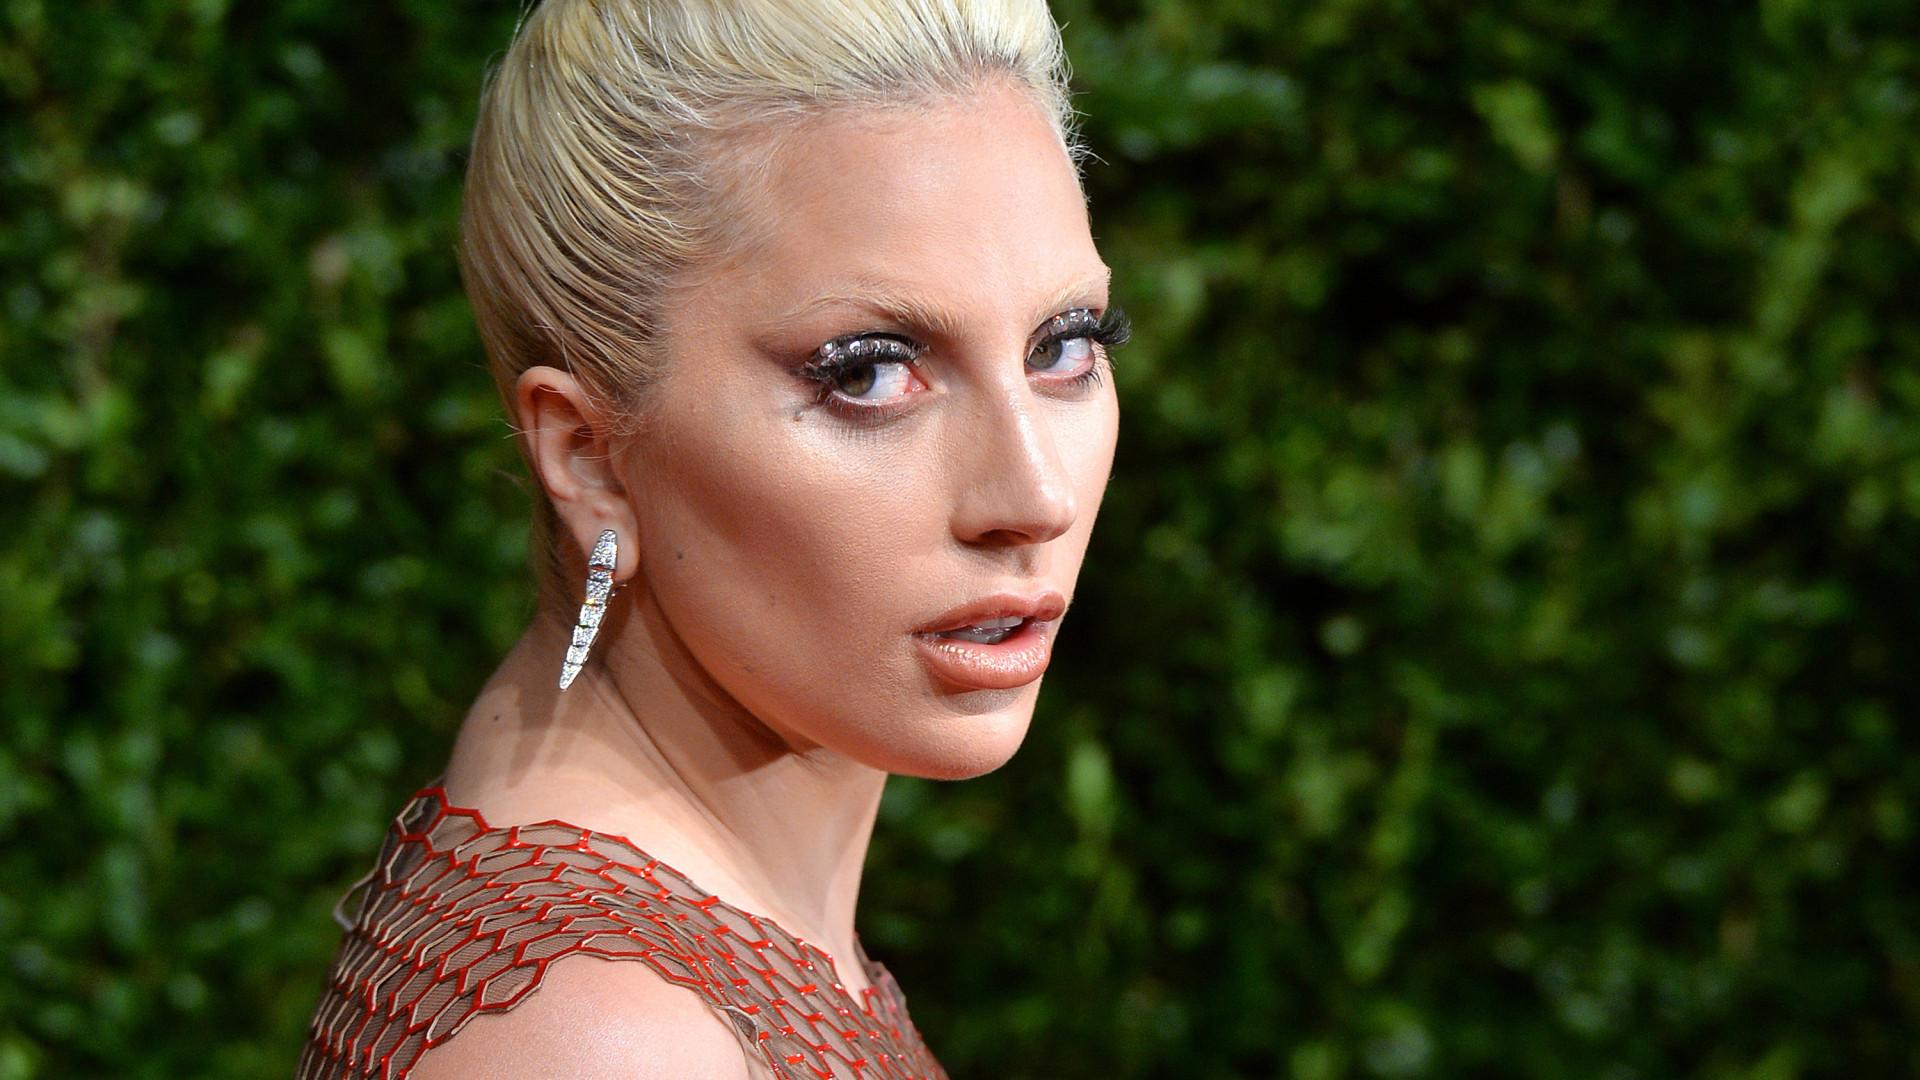 Cantor afirma que Lady Gaga copiou sua música para criar 'Shallow'